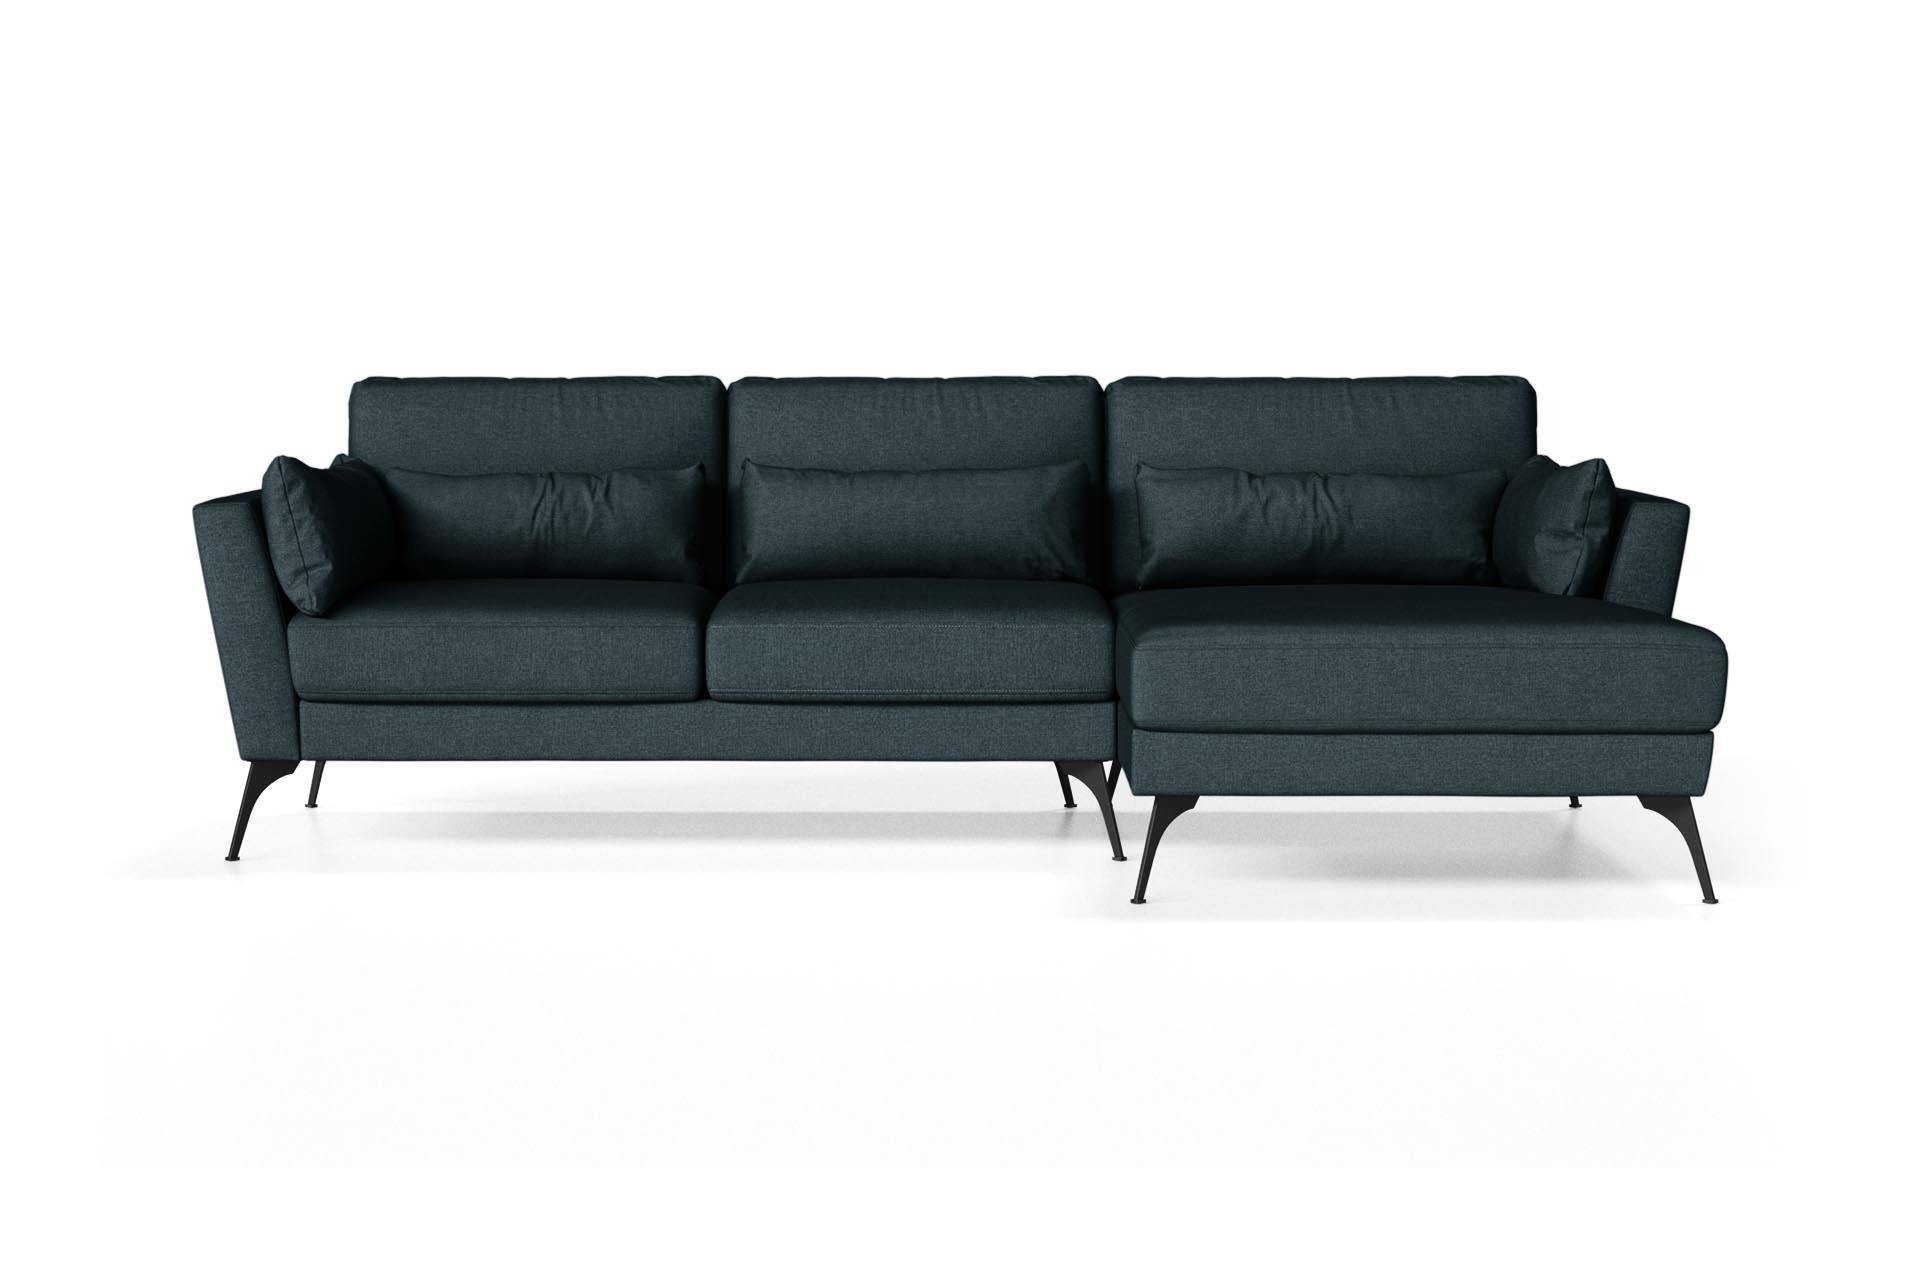 Canapé d'angle droit 4 places toucher lin bleu marine